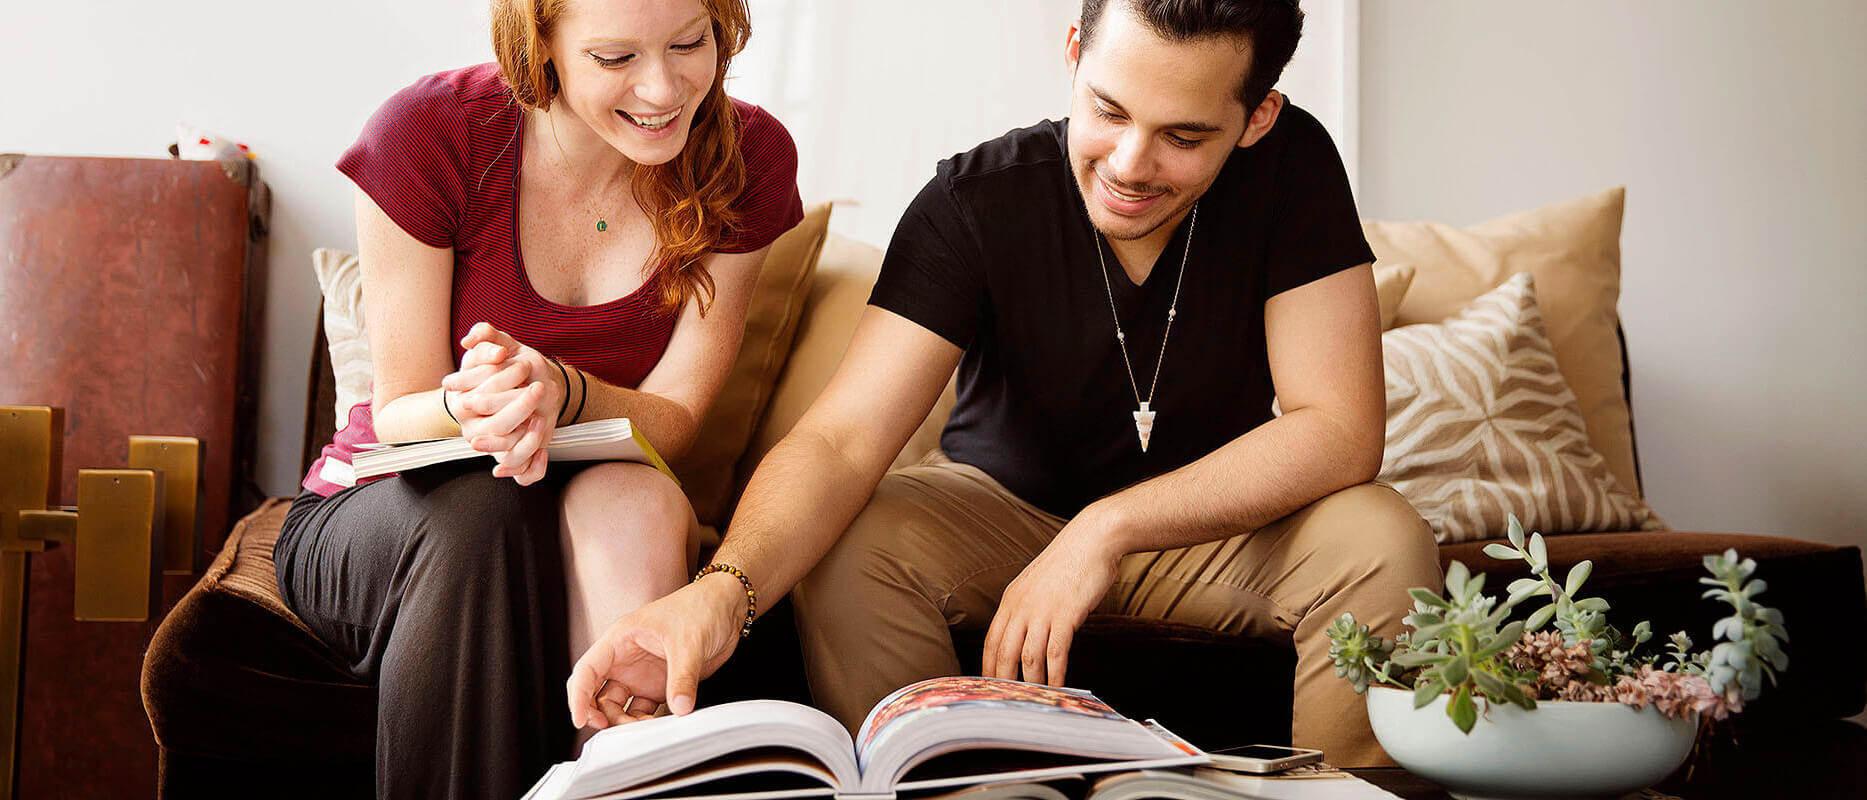 gratis hookup sajter som Tinder